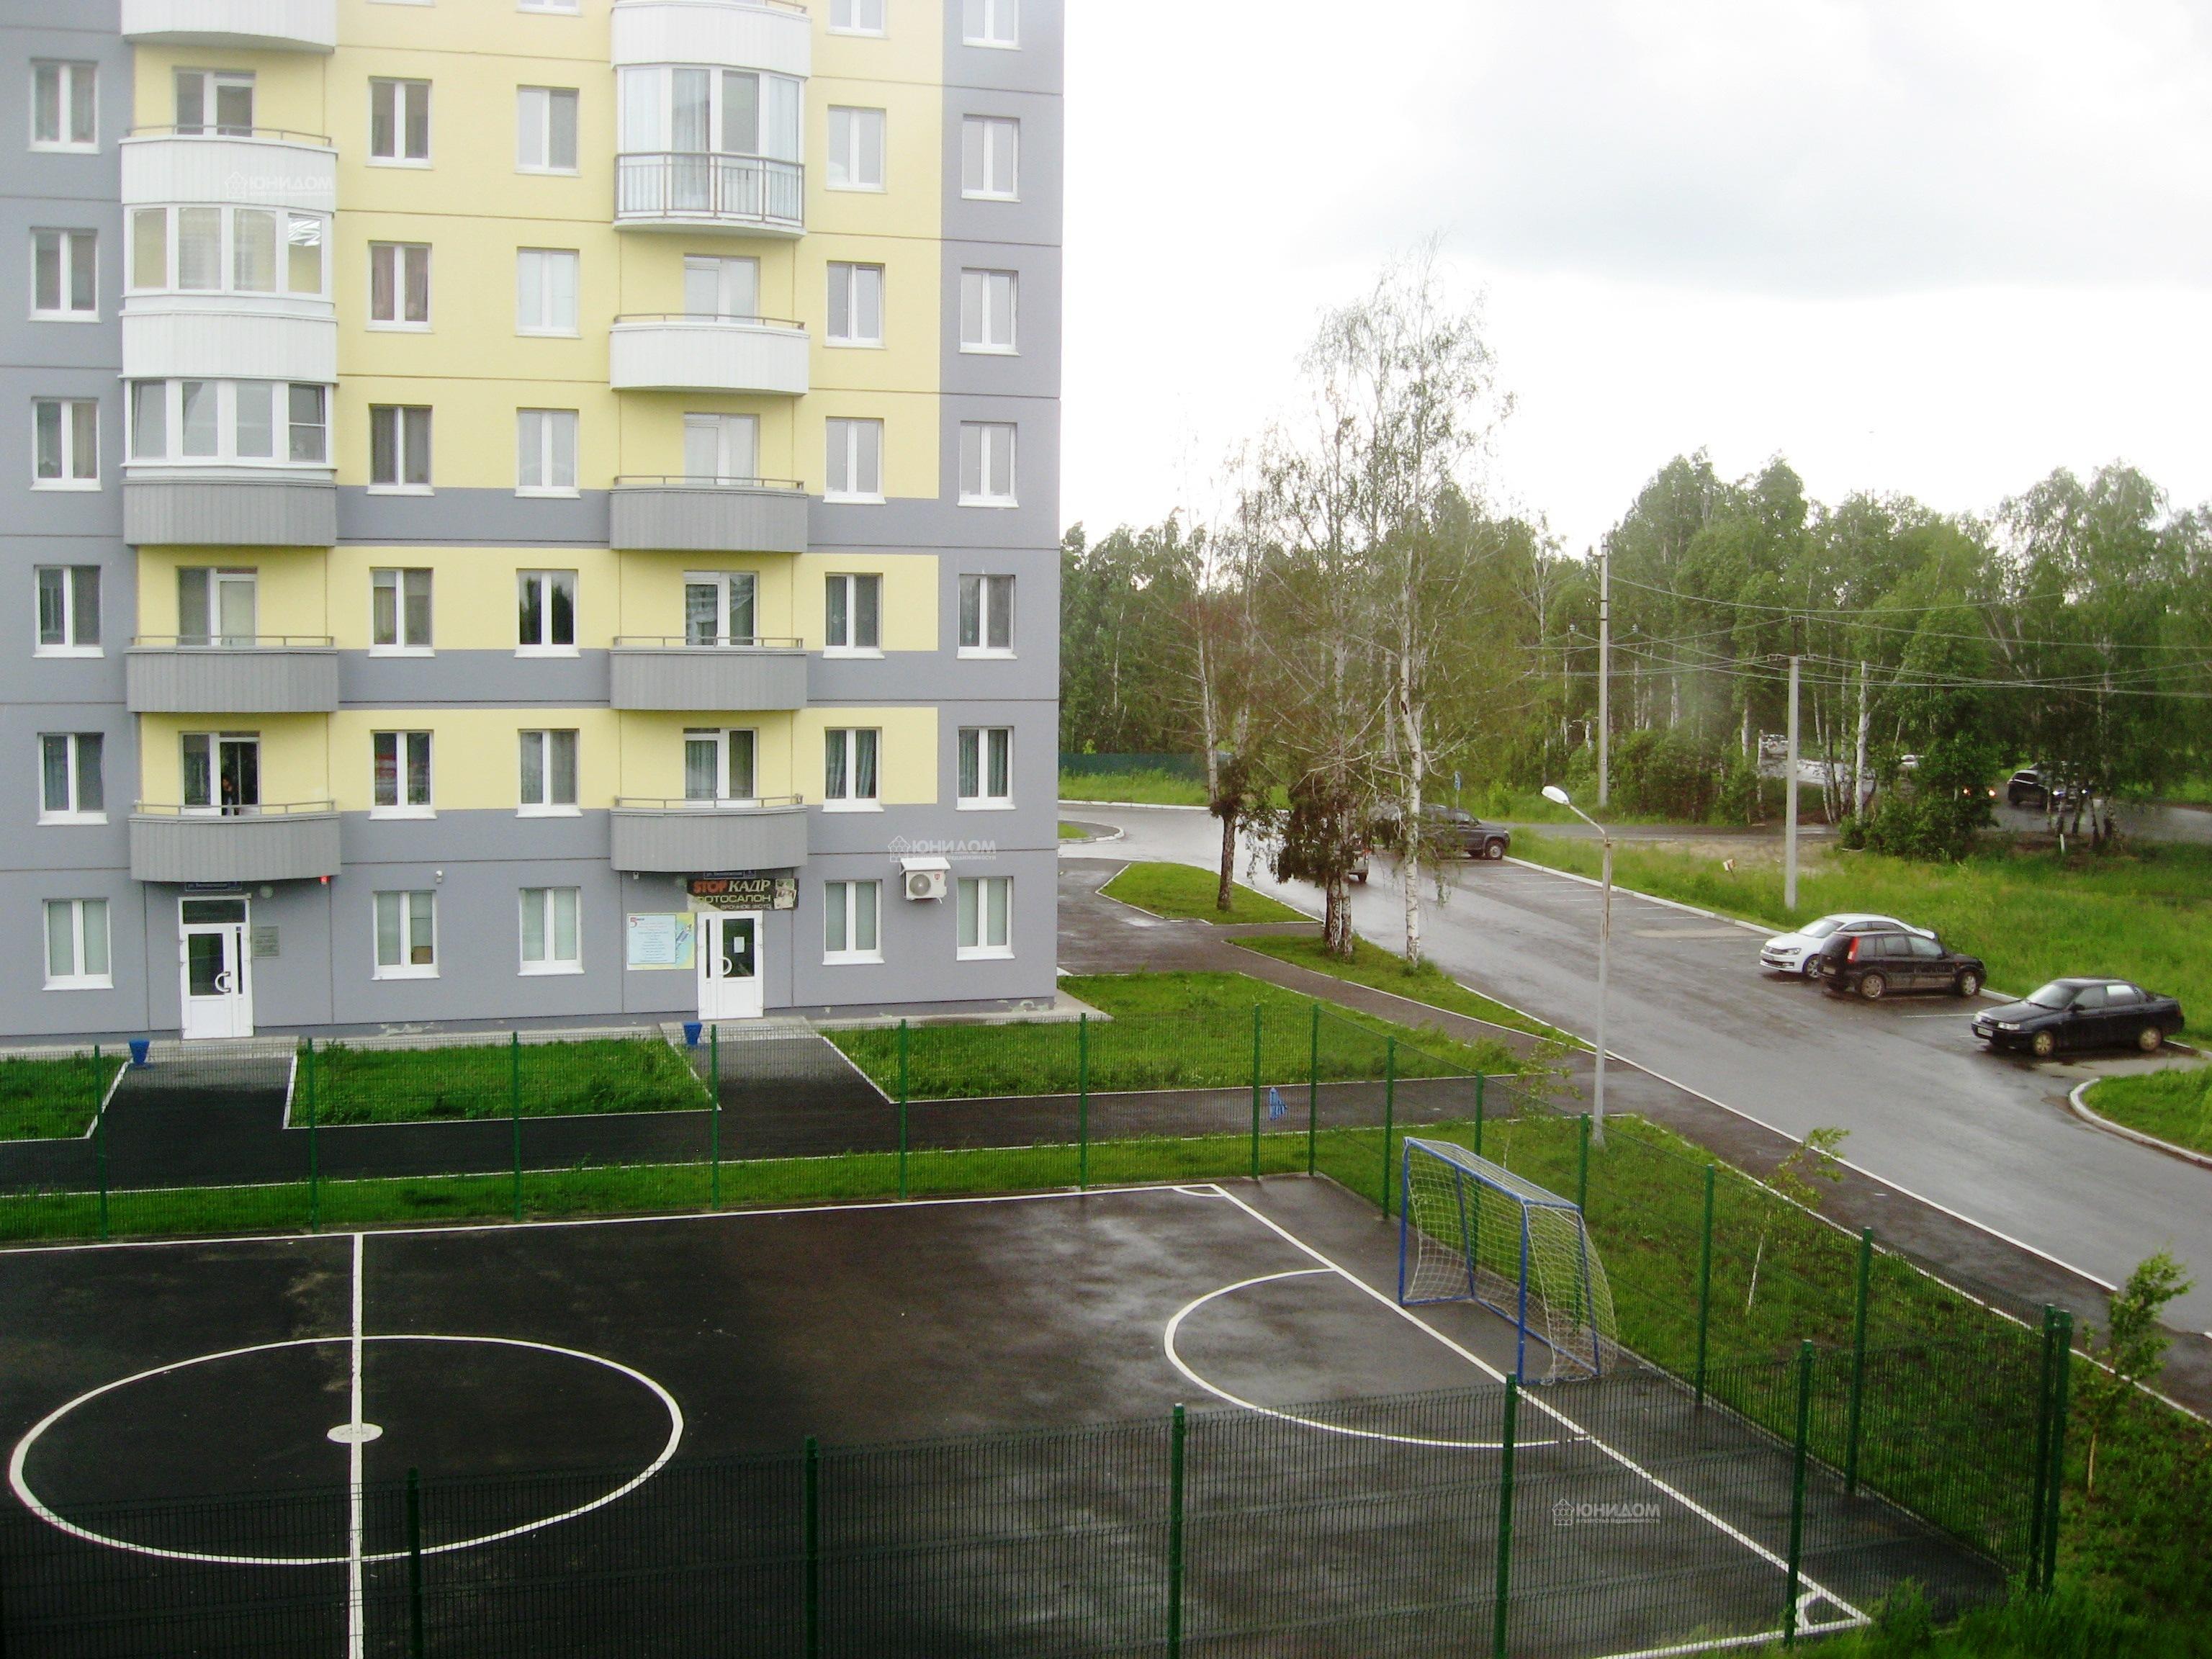 Продам 3-комн. квартиру по адресу Россия, Тюменская область, Тюмень, Беловежская 7 к1 фото 23 по выгодной цене